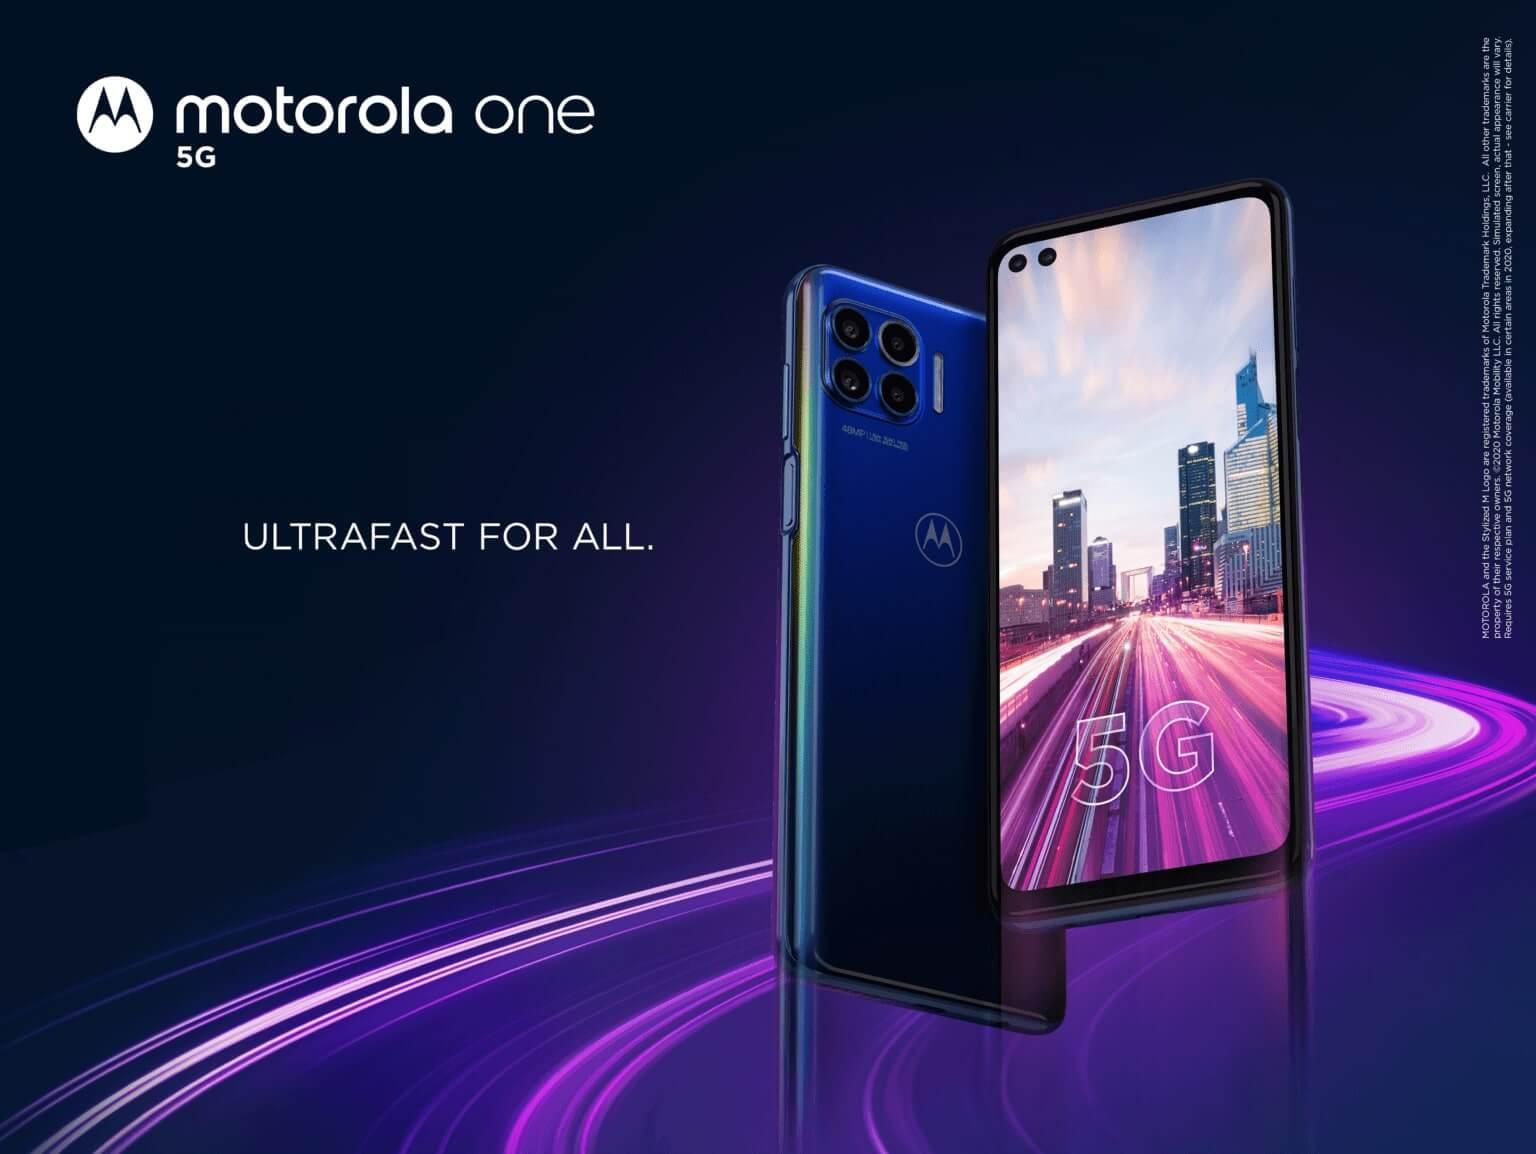 motorola-one-5g-smartphone-5g-dengan-harga-terjangkau